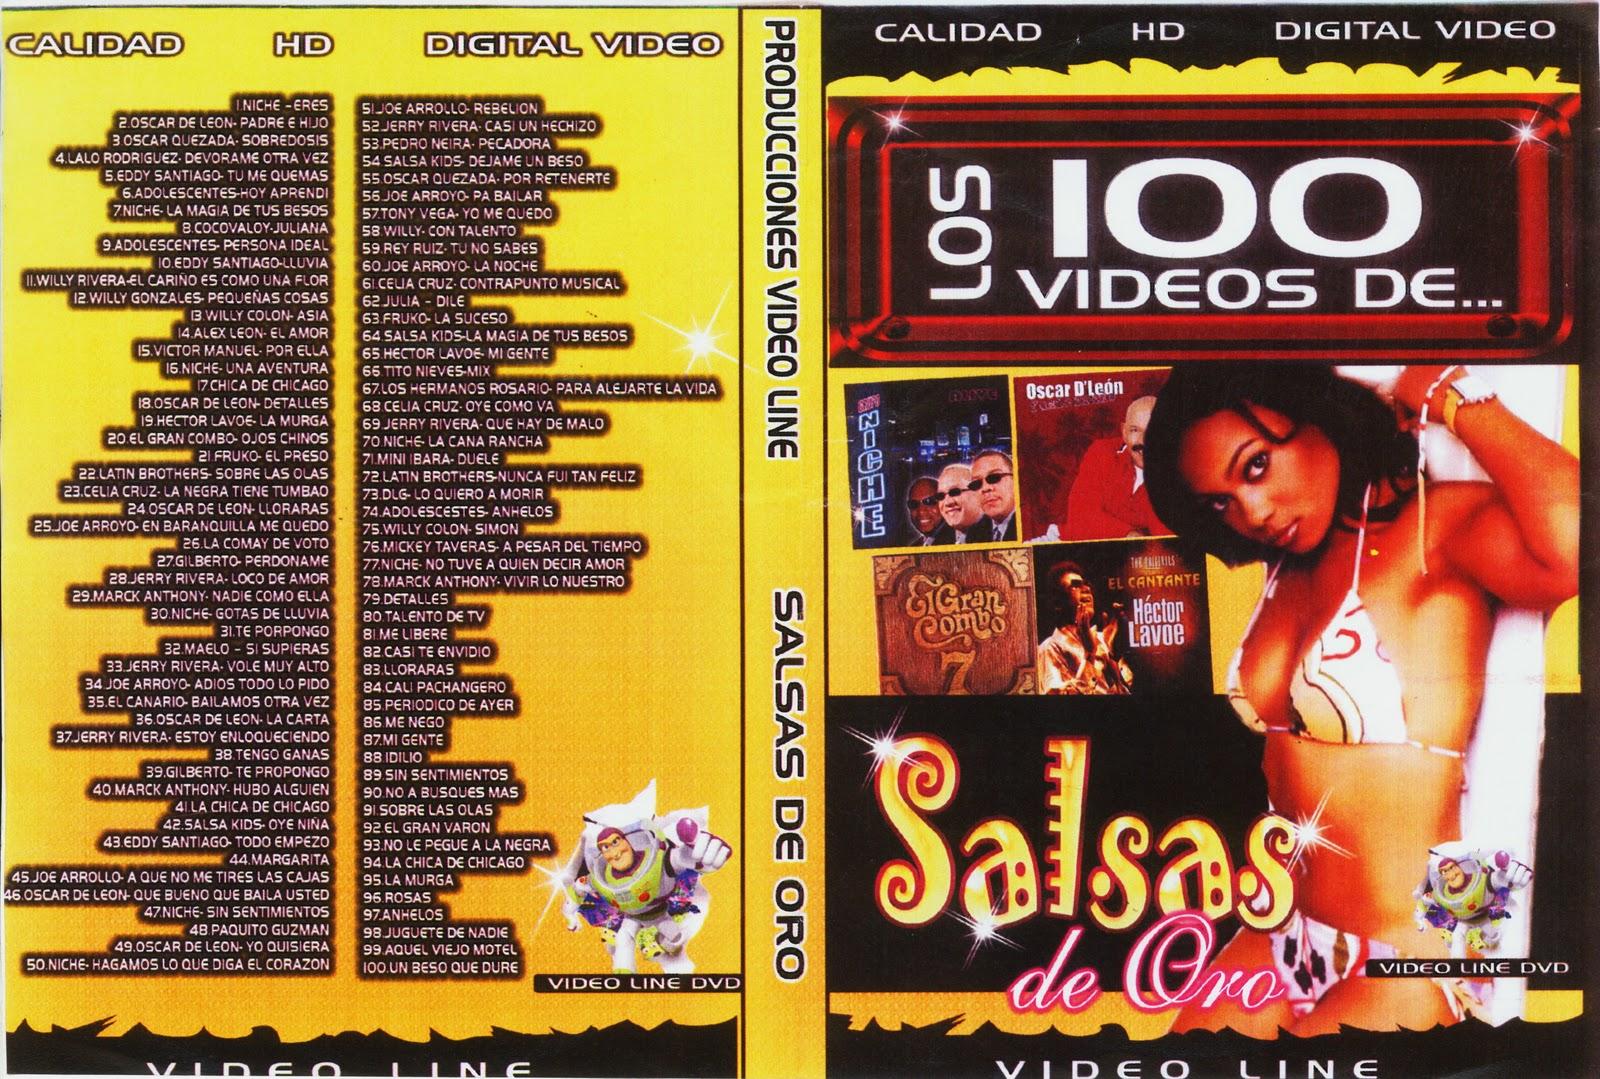 http://4.bp.blogspot.com/-r9m6nY0GZYA/TqeEYtZpm2I/AAAAAAAAAWU/hQzPKoLE8MY/s1600/100+VIDEOS+SALSA+DE+ORO.JPG